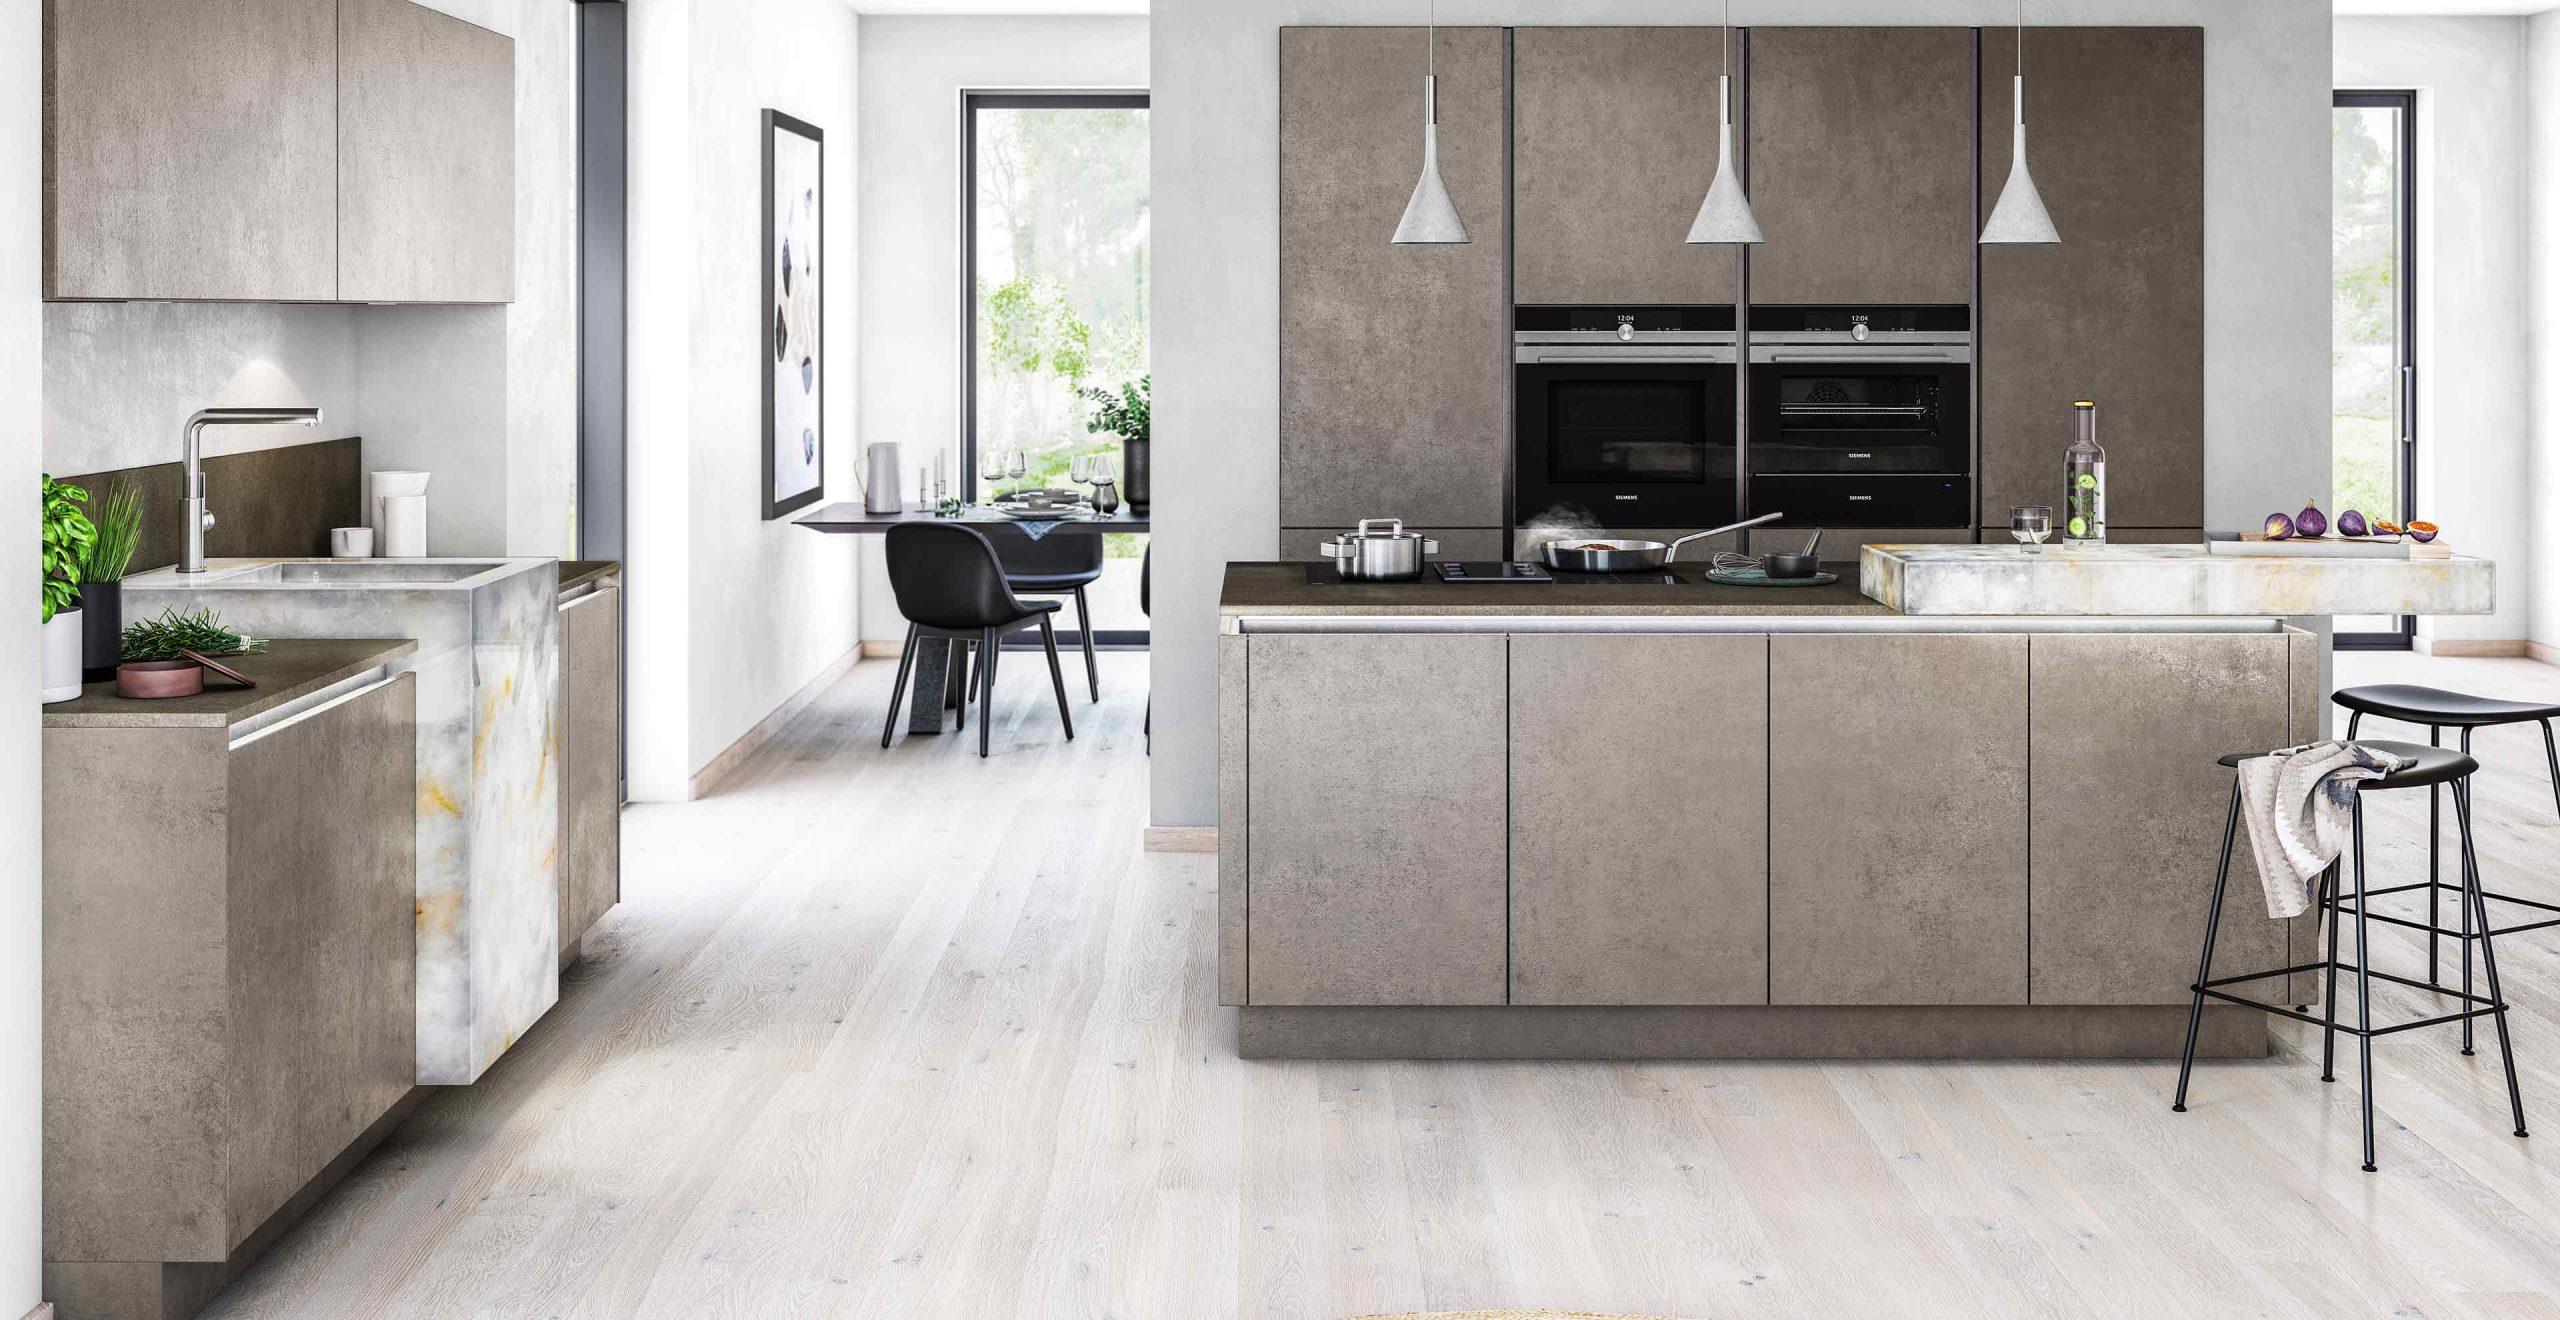 Full Size of Küchen Design Kchen Individuell Exzellent Marquardt Regal Wohnzimmer Küchen